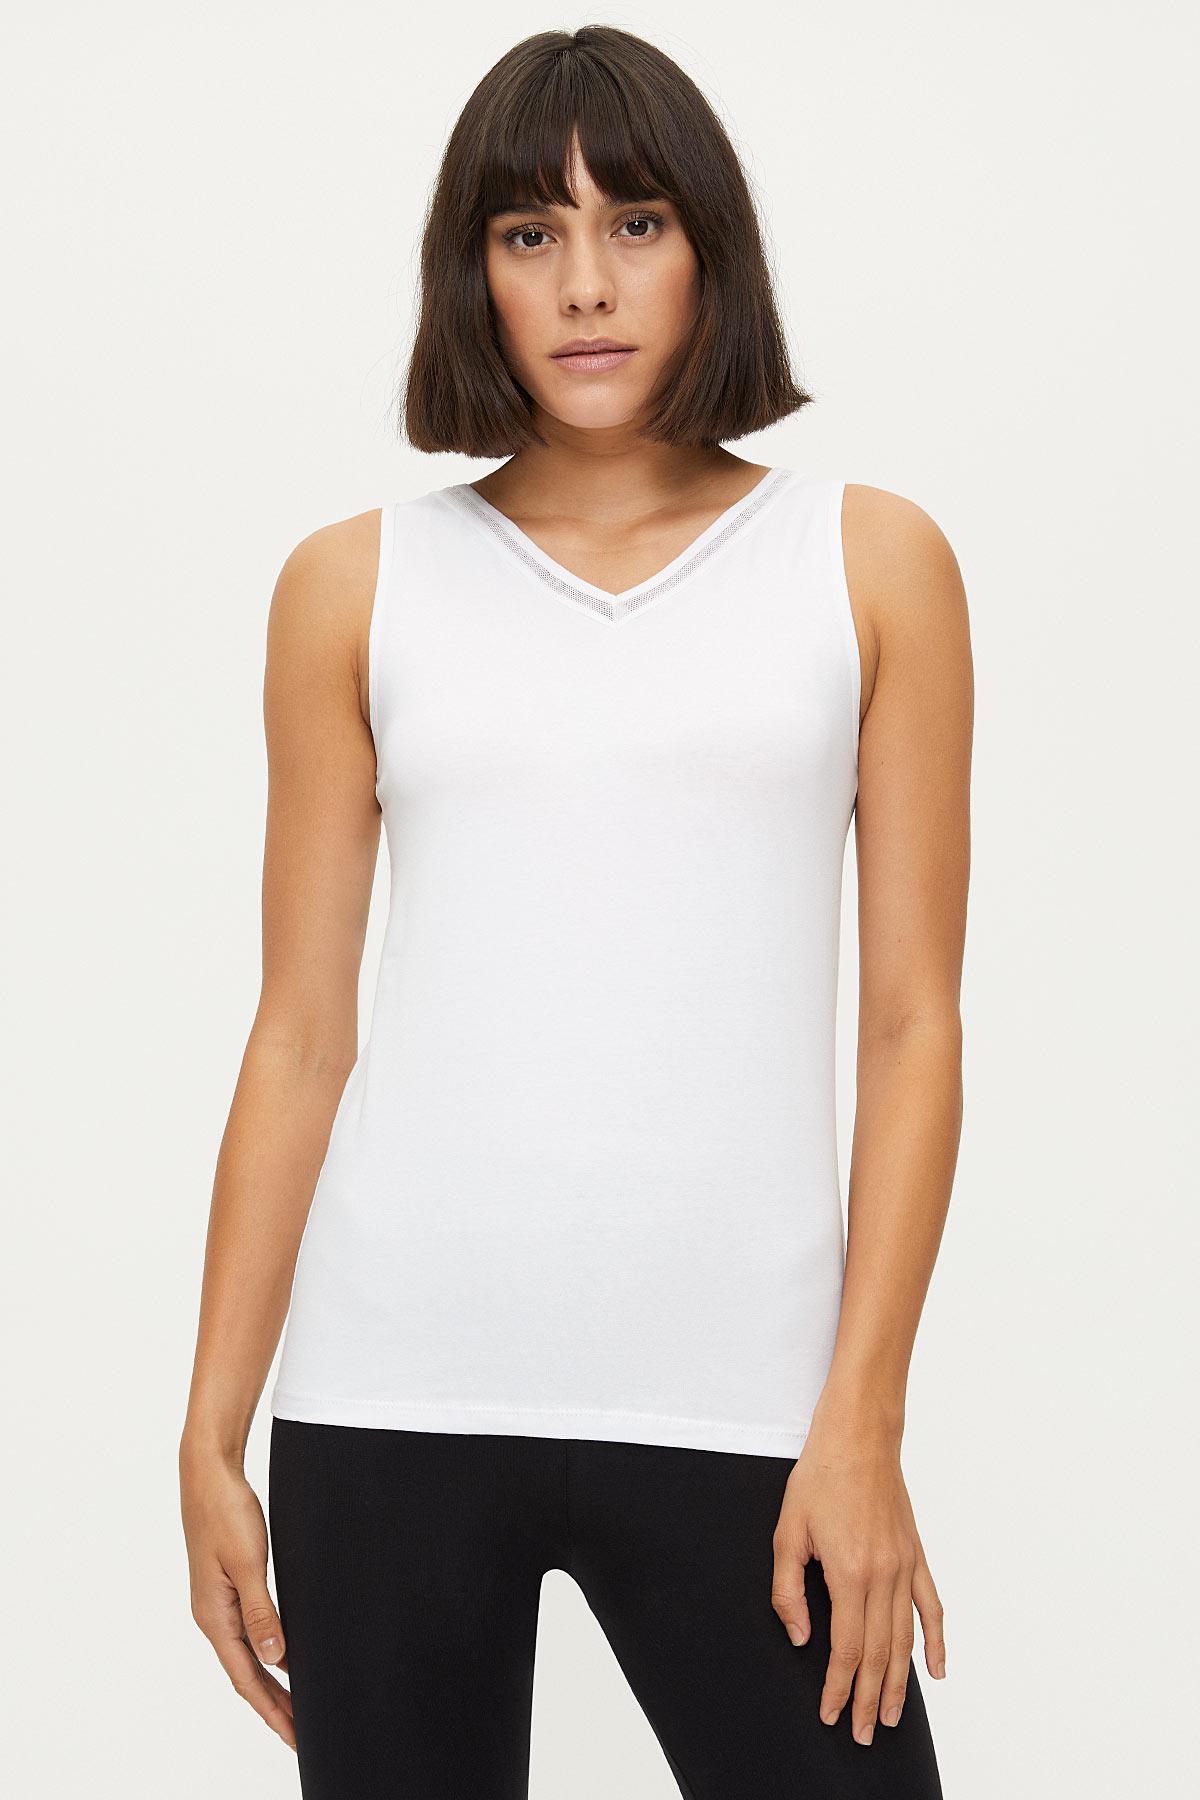 Bross - Bross Lycra Net Women's Undershirt